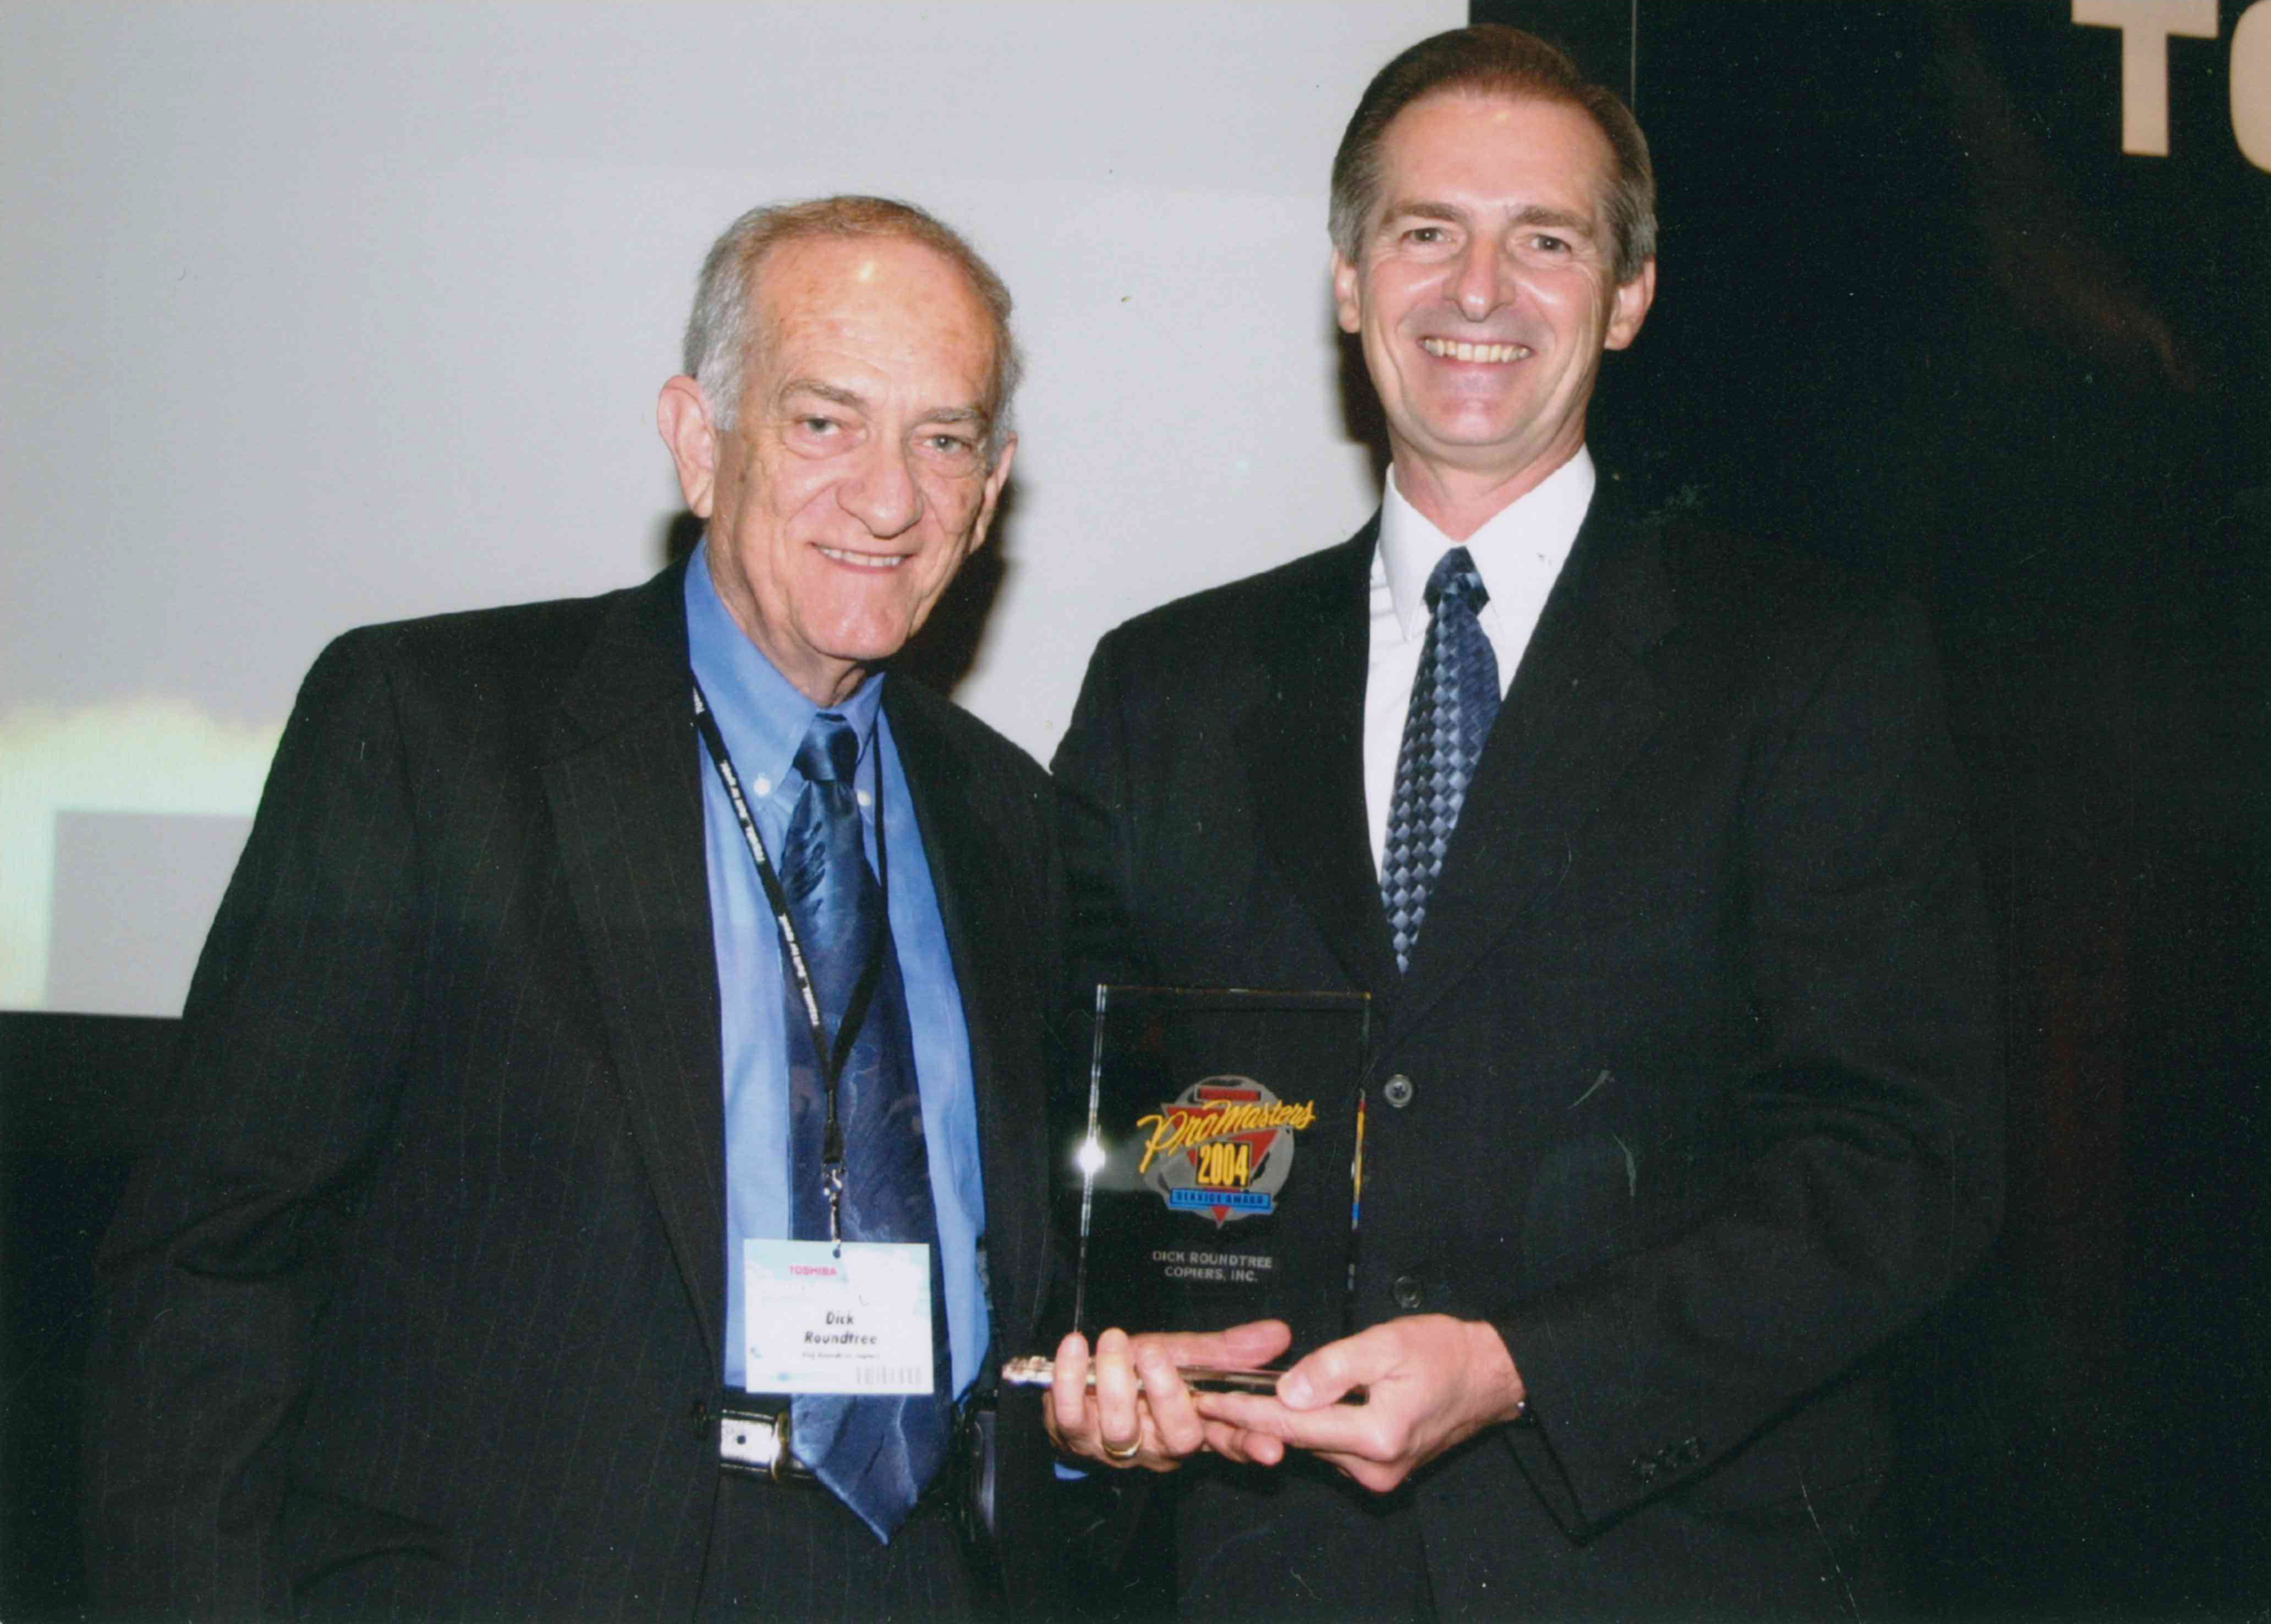 Dick Roundtree Toshiba award